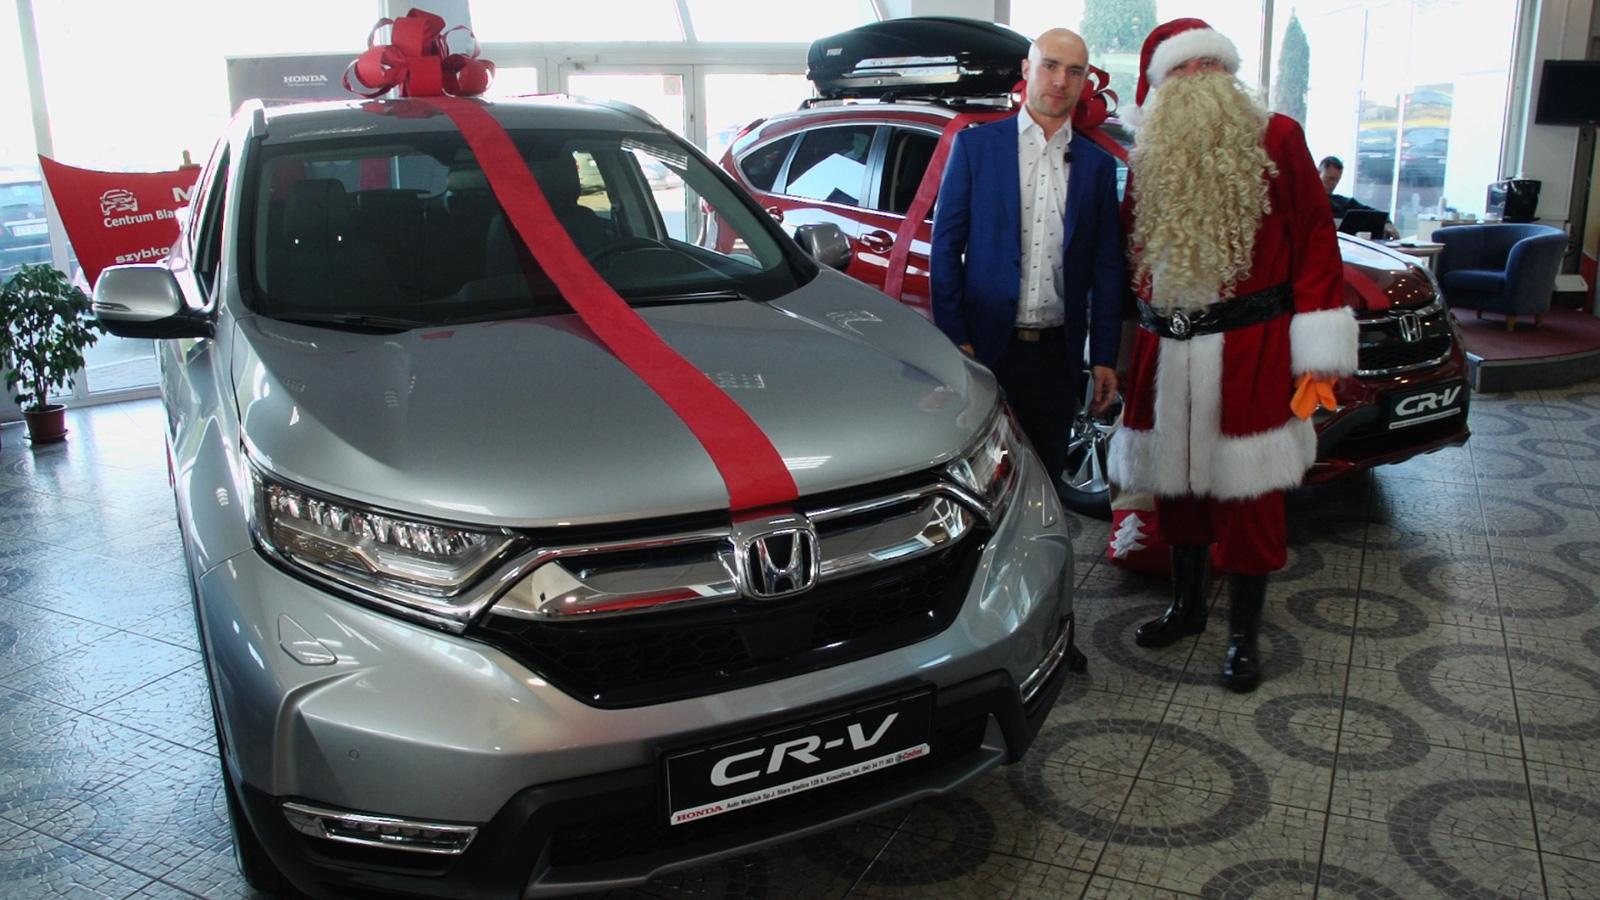 Rata leasingu przykładowo dla modelu Honda CR-V 1.5 T Elegance 2WD może wynosić już od 1813 zł netto miesięcznie (przy cenie samochodu 104065,04 zł netto, przy 35 ratach i 45% wpłaty własnej, wykup 1% wartości pojazdy).